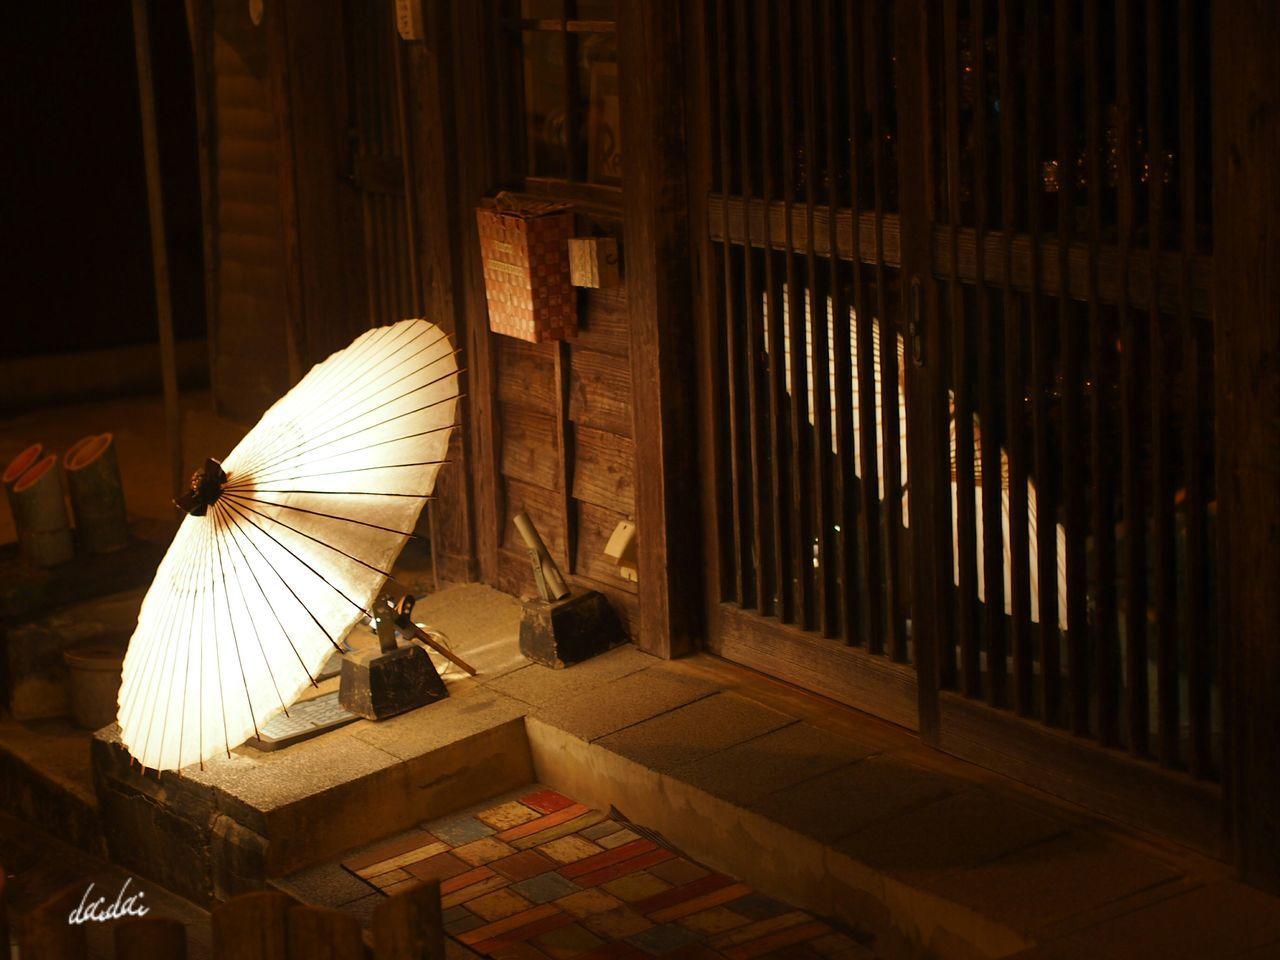 じんわりと E-PL3 Lantern Festival Night Candle 山鹿灯籠浪漫百華百彩 竹 和傘 幻想的 Reflection Japanese Traditional Noedit